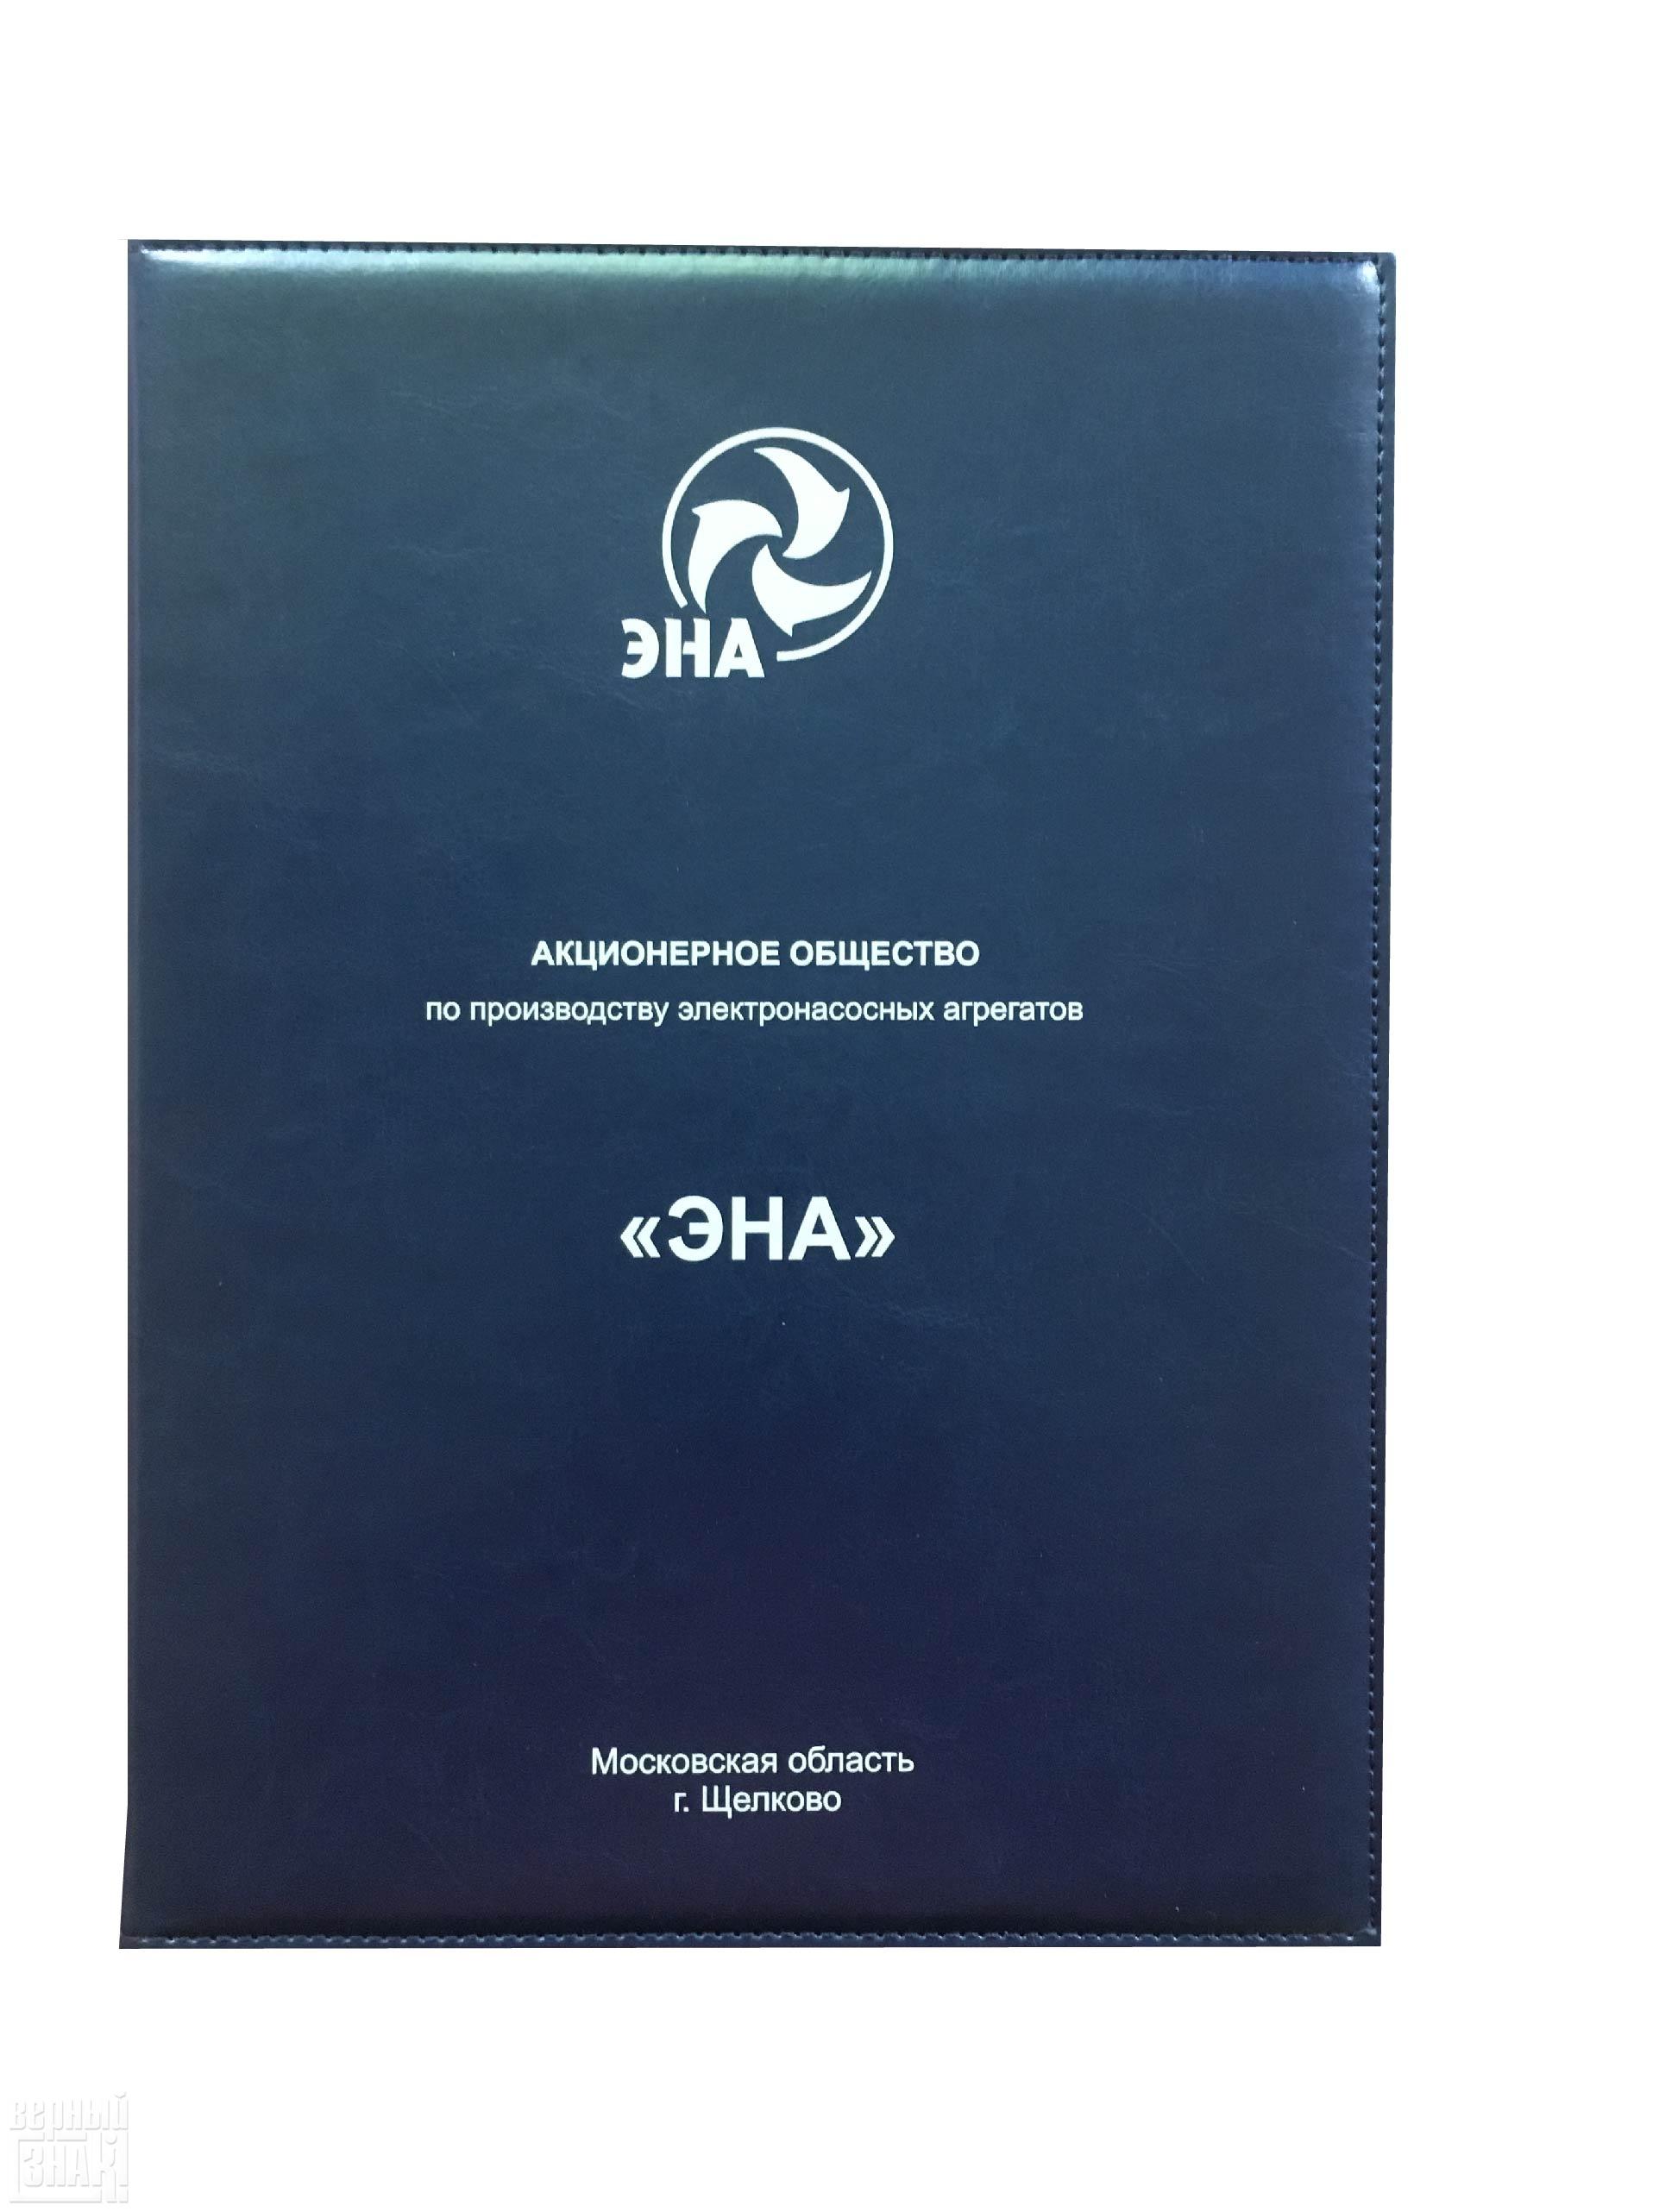 Изготовление папки на подпись ЭНА